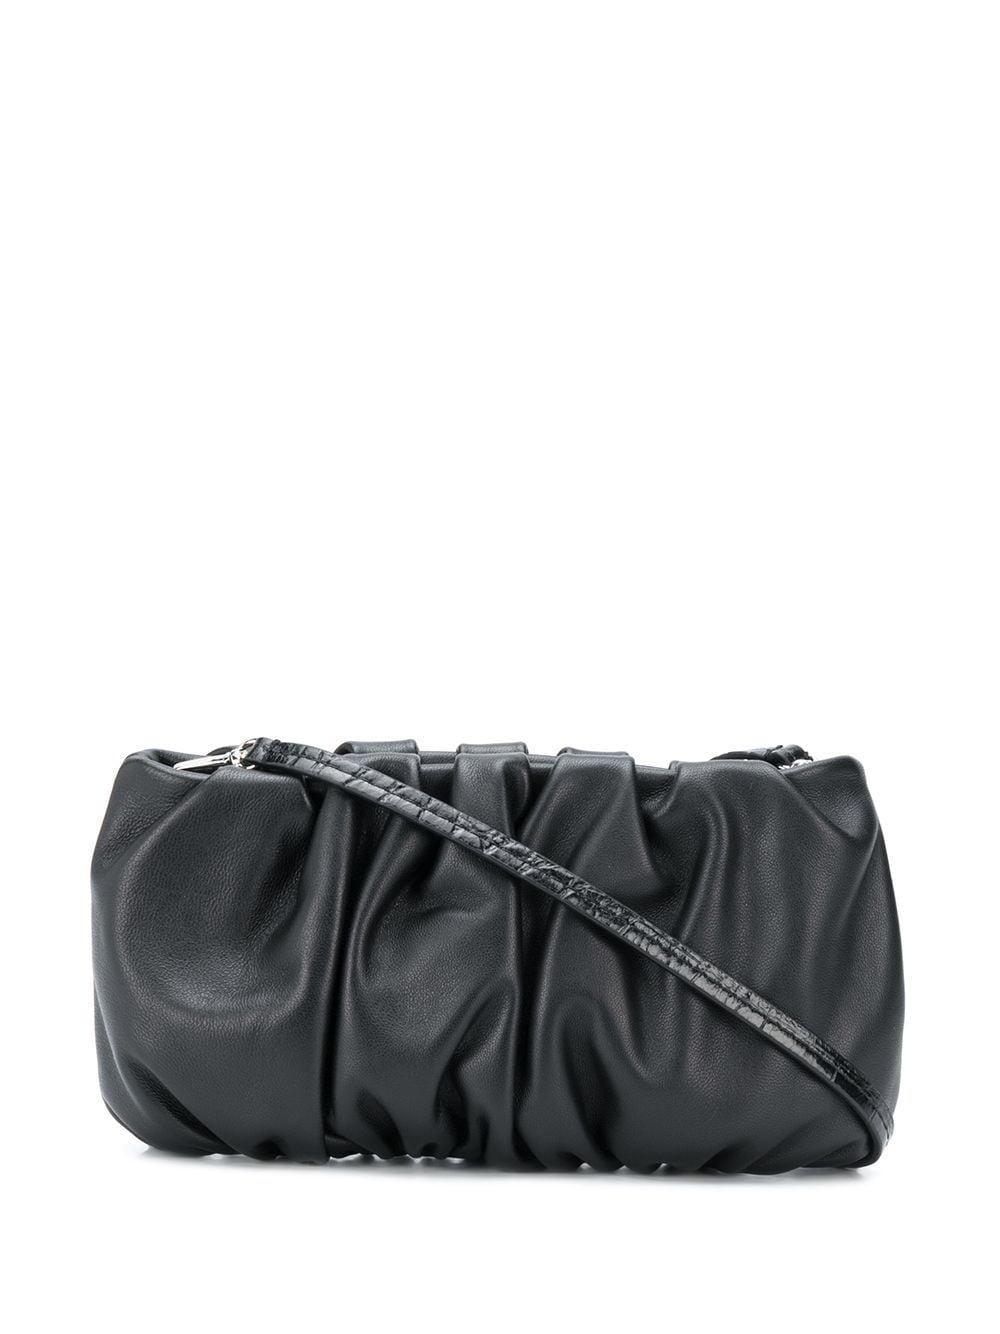 Bean Convertible Bag Item # 207-9270-R21